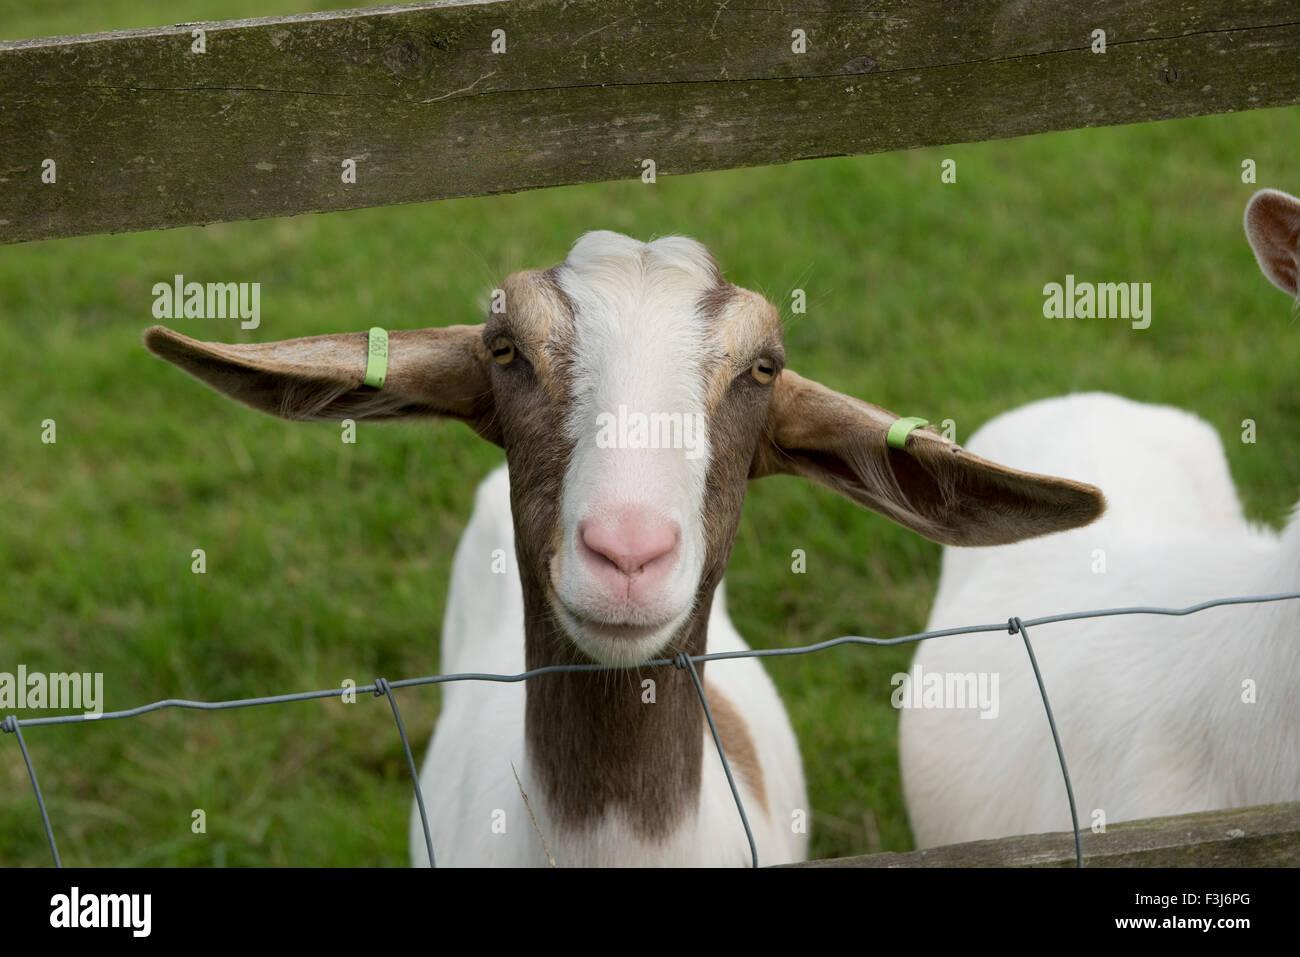 Un type de chèvre boer nanny, progéniture de chèvres laitières gardé comme animal de compagnie, Photo Stock